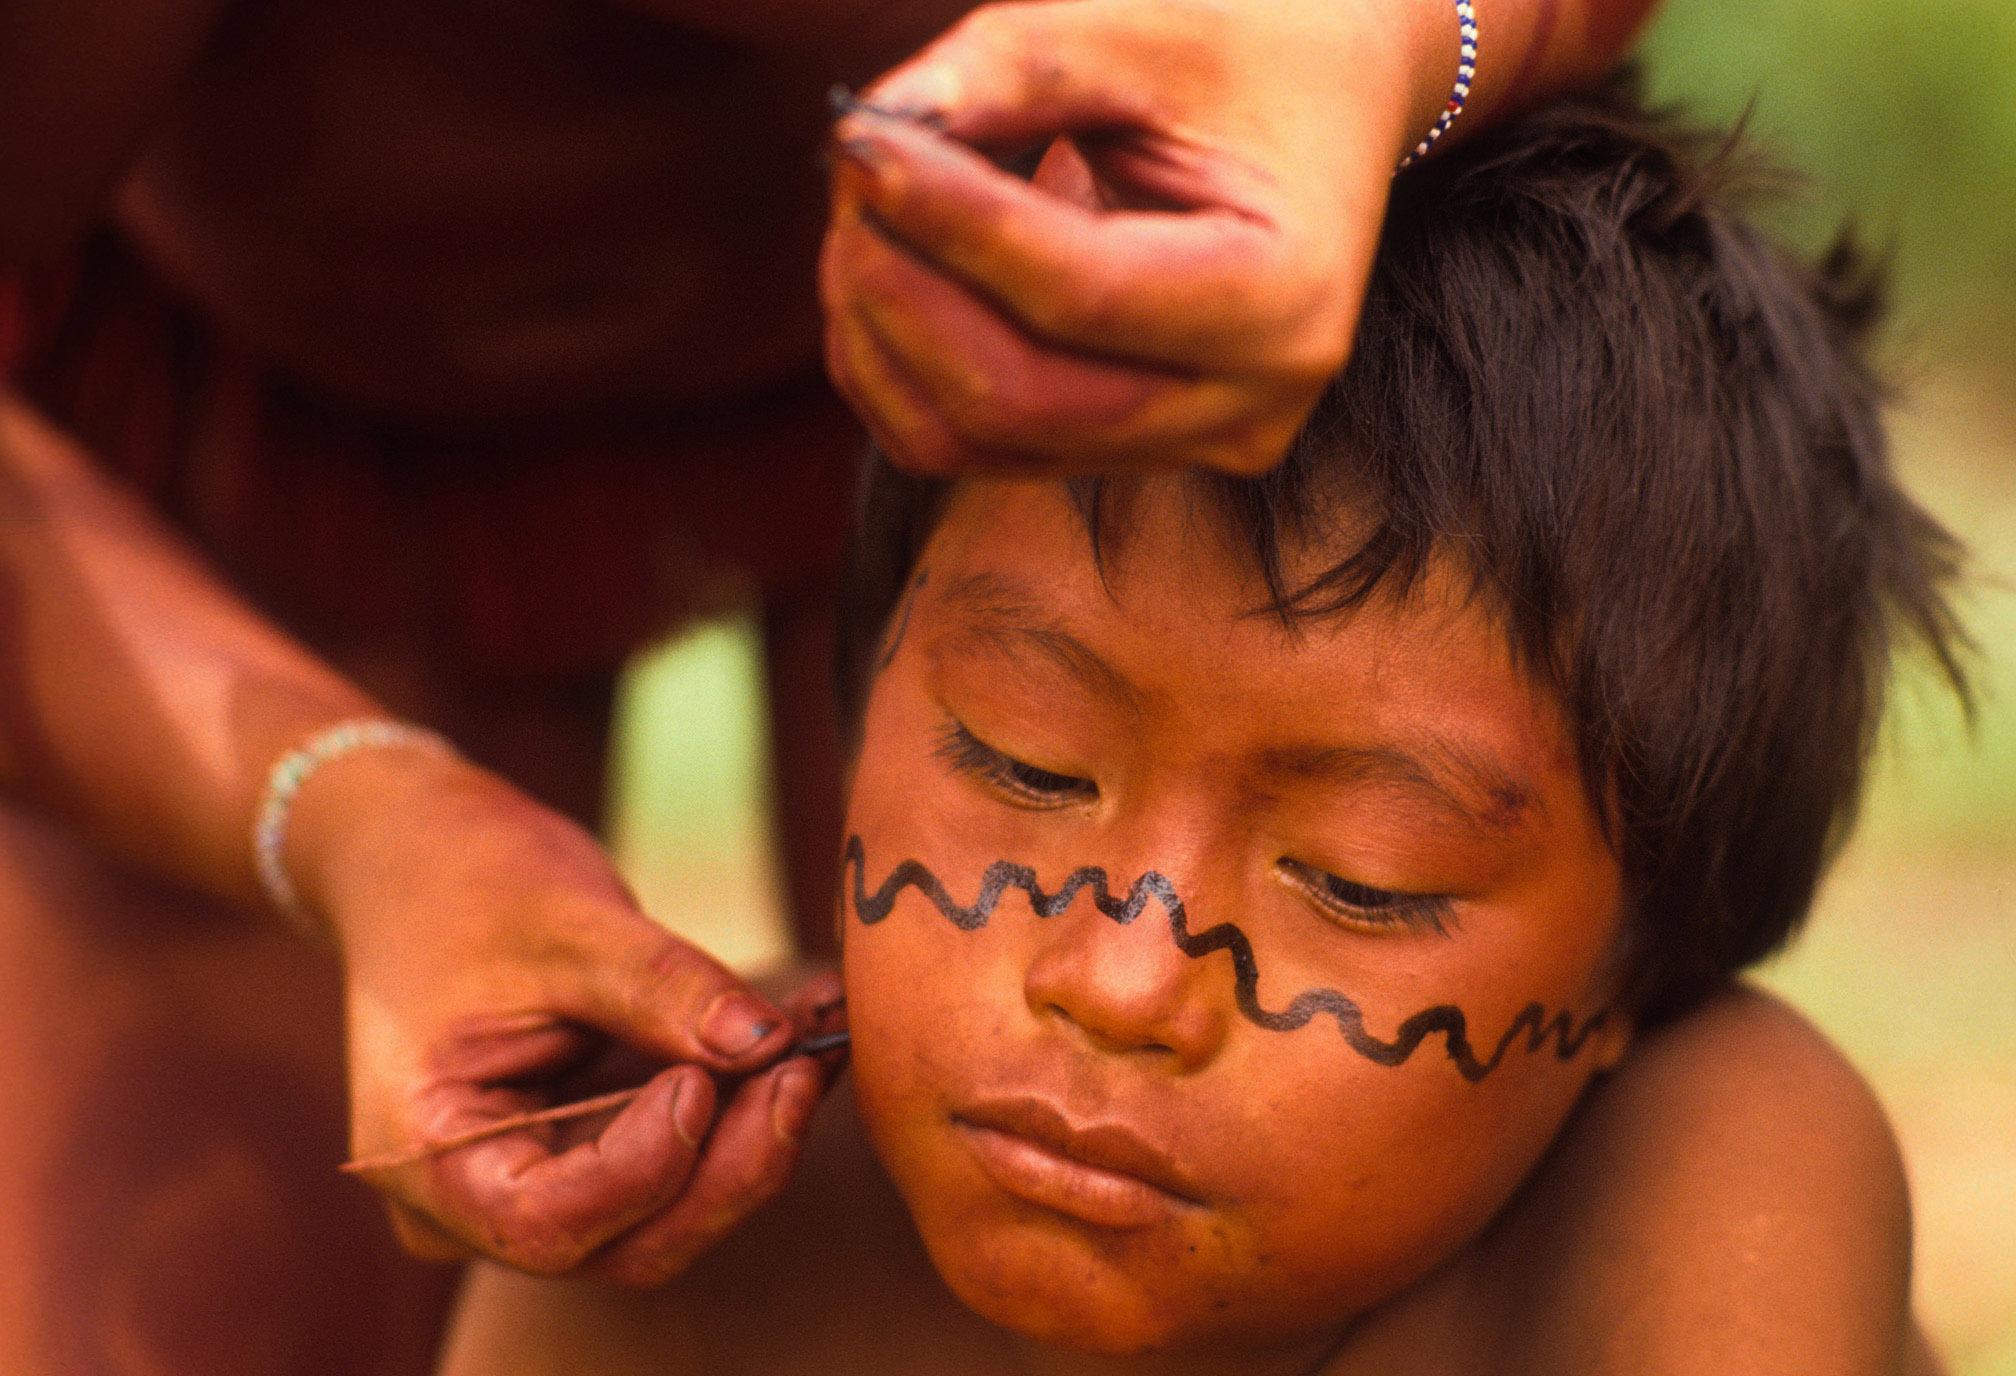 Coronavírus: O que podemos aprender com um xamã da Amazônia? Parte 3: Os conflitos e os xapiri